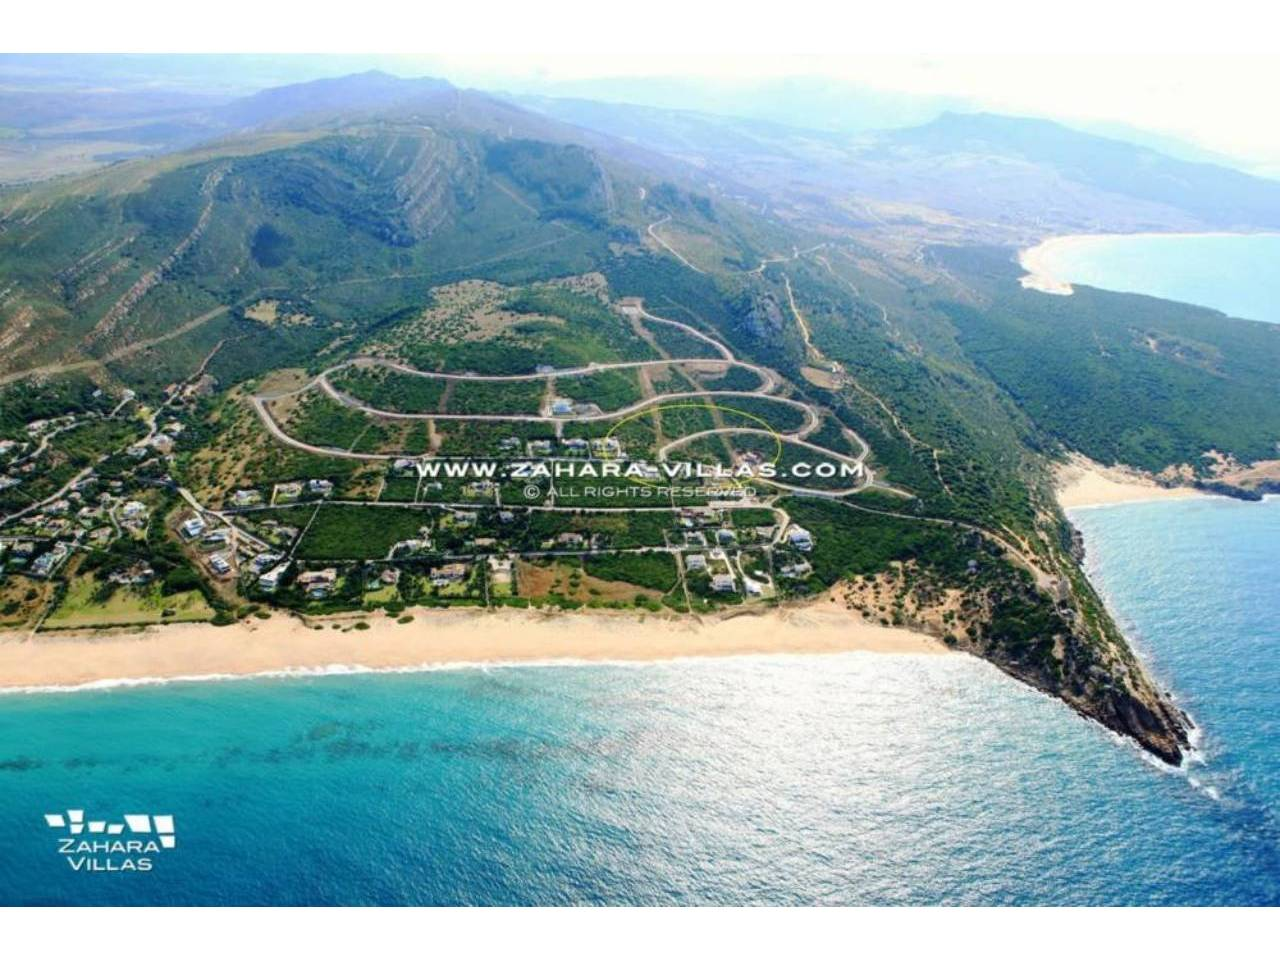 Imagen 2 de Grundstück in Zahara de los Atunes